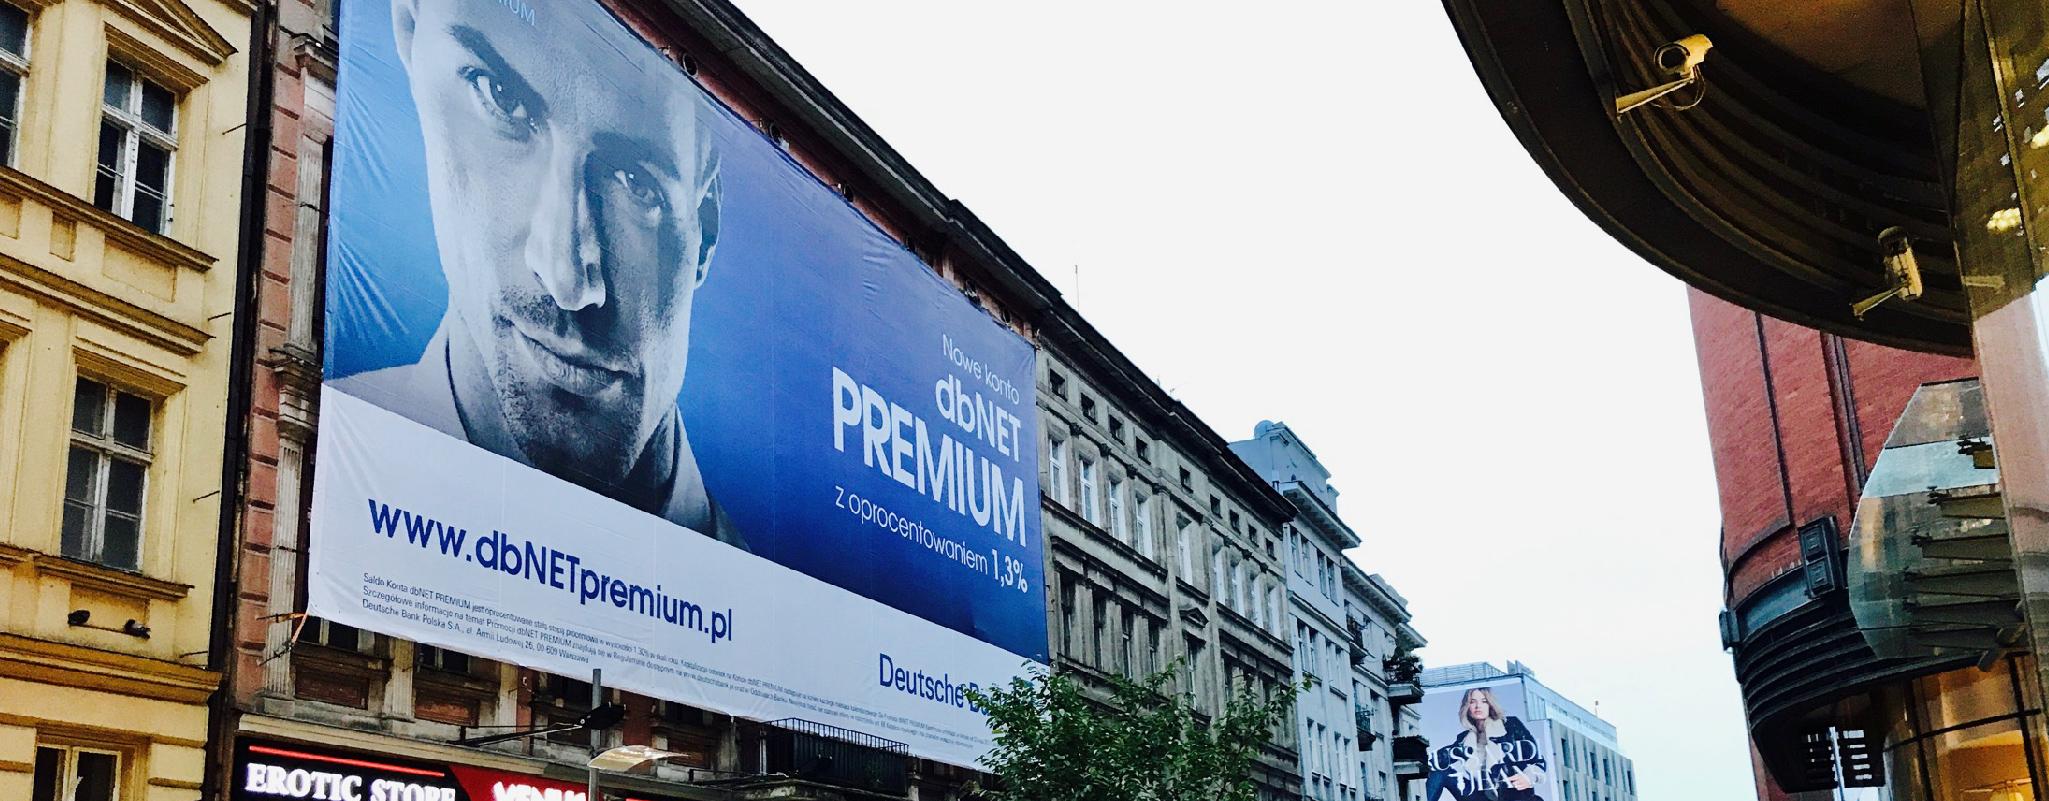 Powierzchnia reklamowa Półwiejska Poznań Deutsche Bank